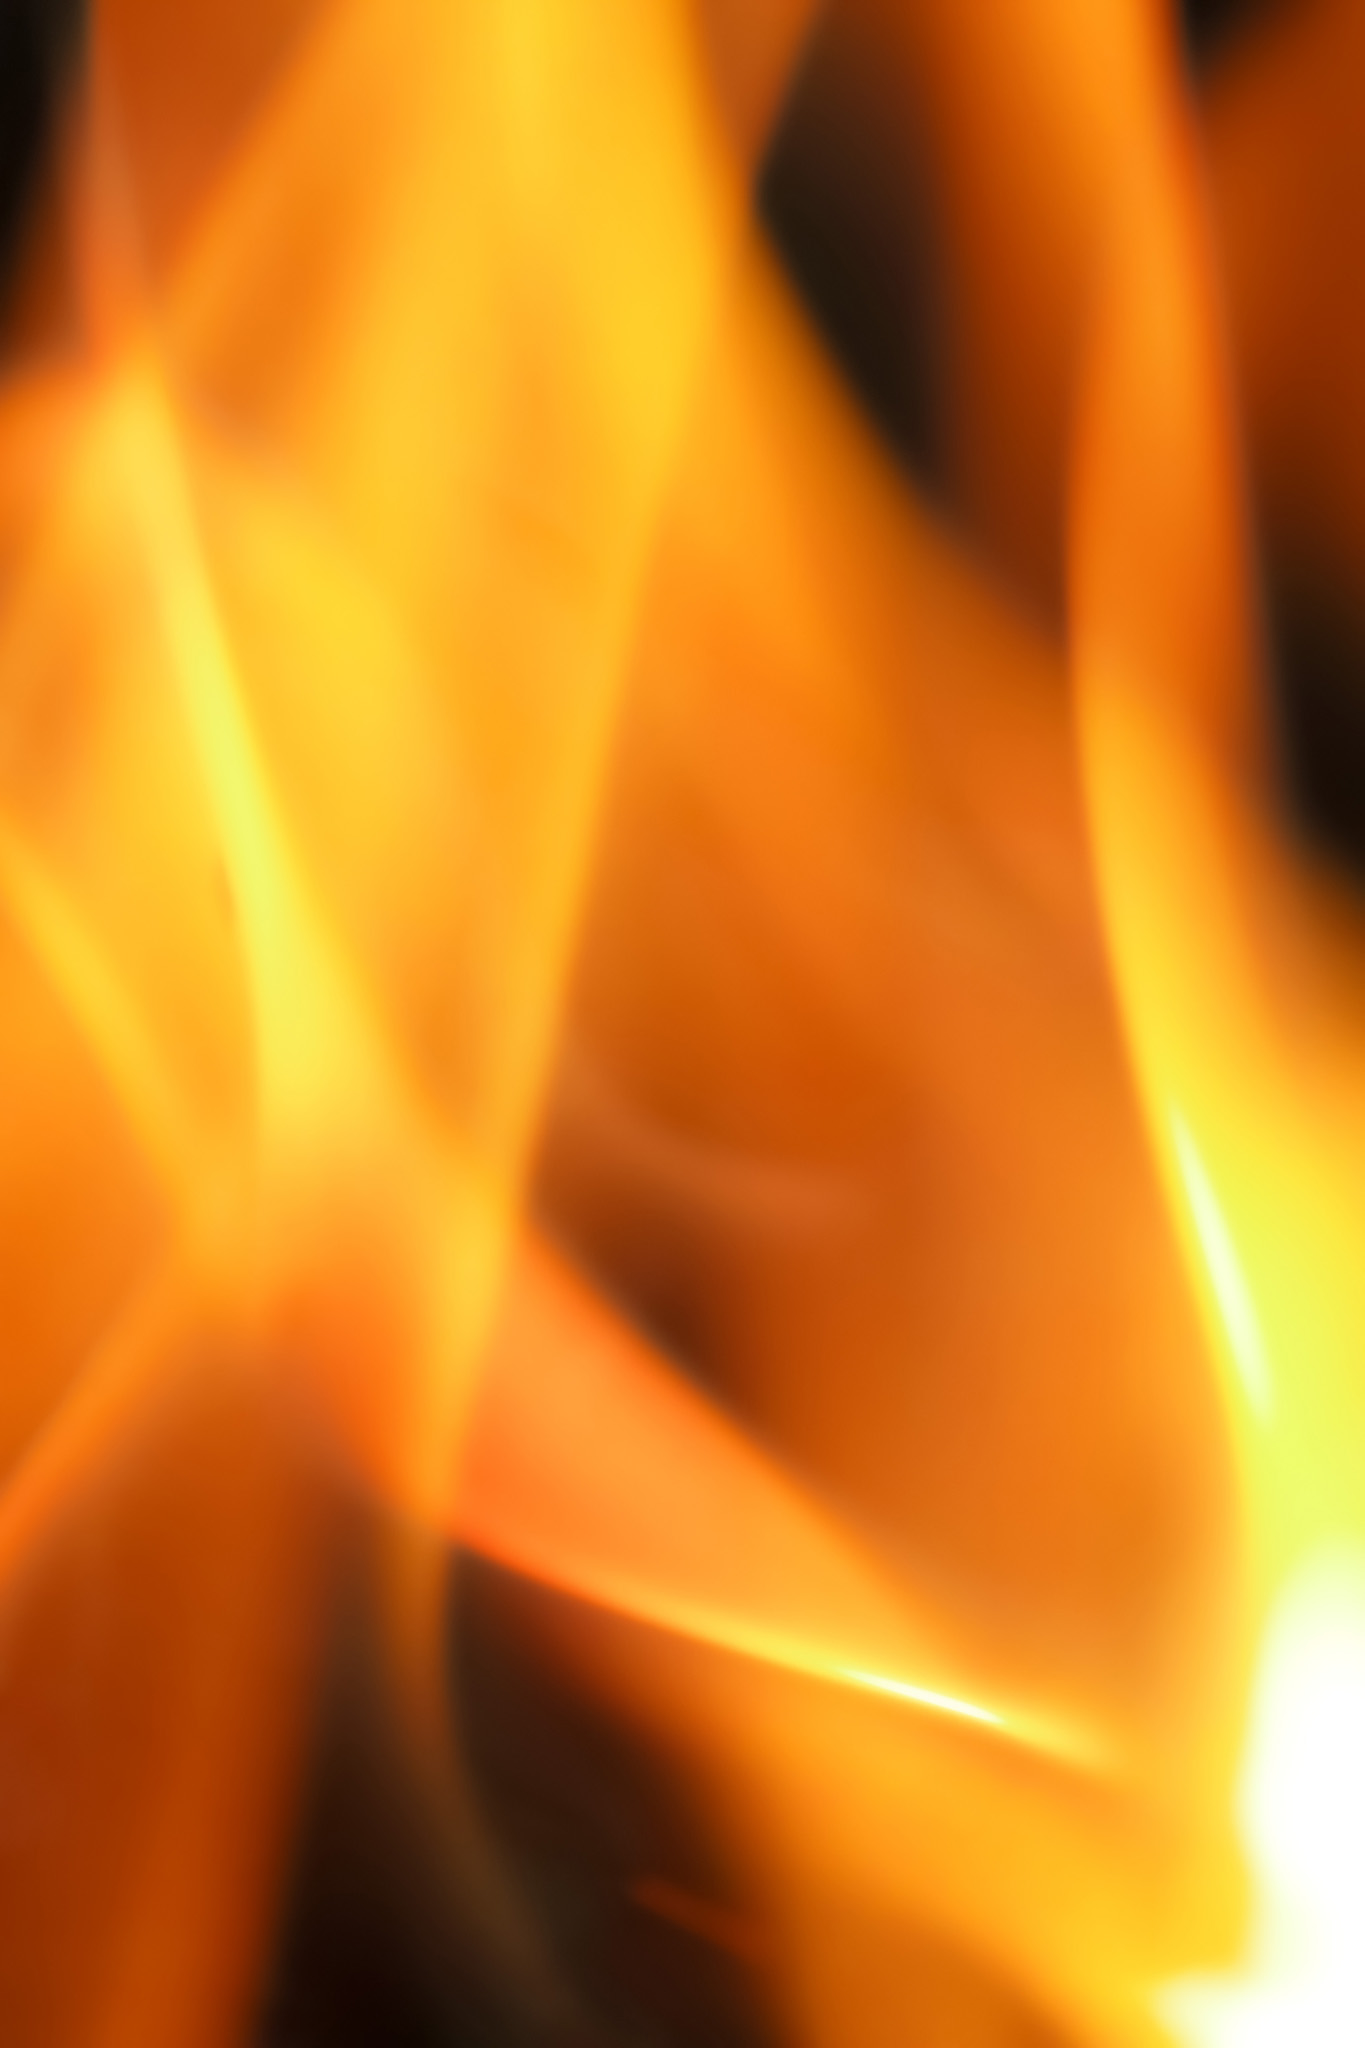 天を焦がす勢いの炎